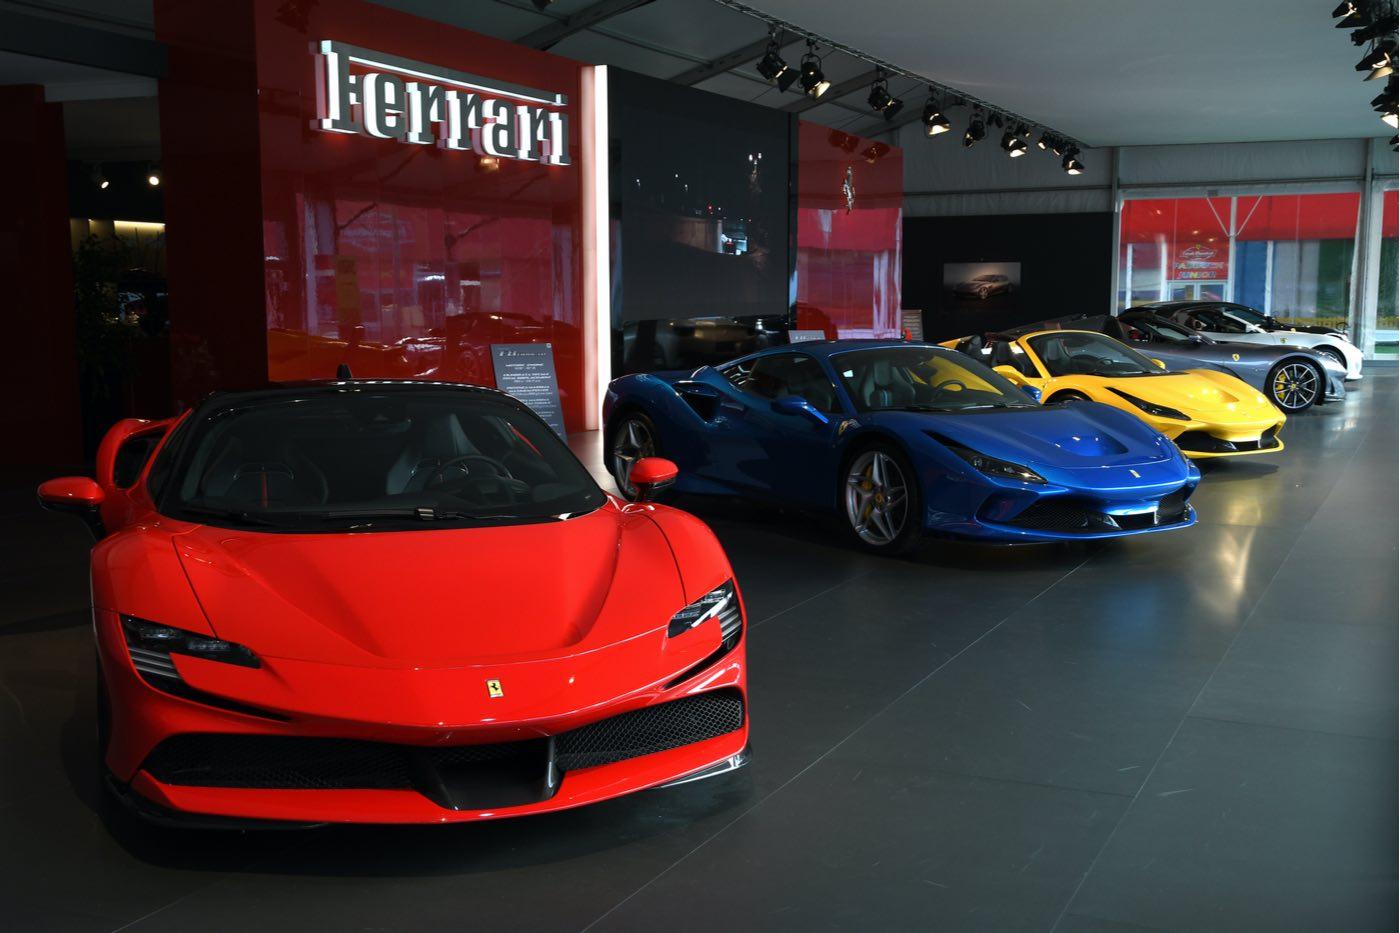 Ferrari obtuvo la asombrosa cifra de $94.000 en ganancias por cada superdeportivo que vendió en 2019